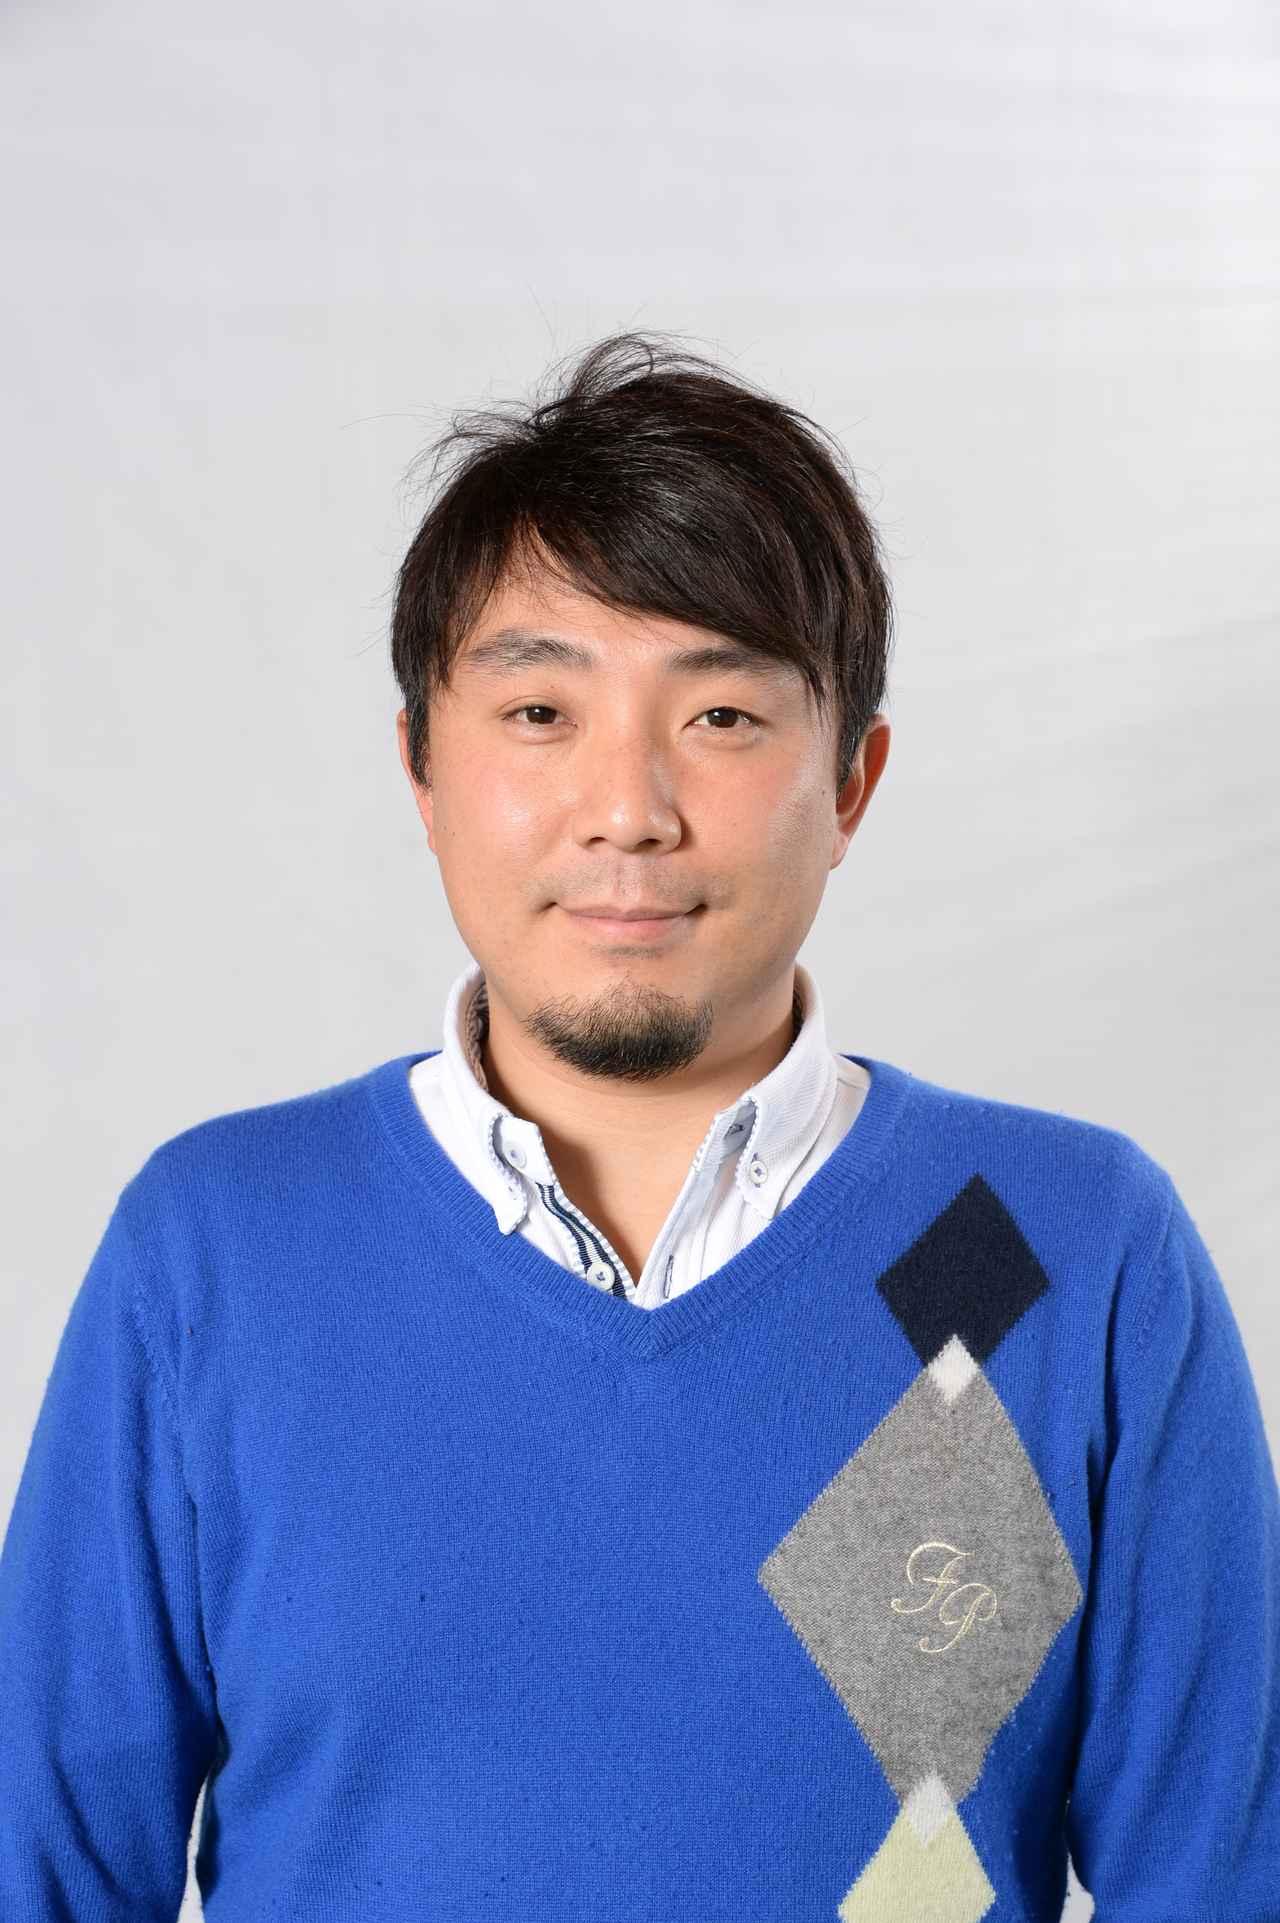 画像: 吉田一尊プロ ドラコン日本選手権で度々入賞する腕前。「飛ばし」には定評がある